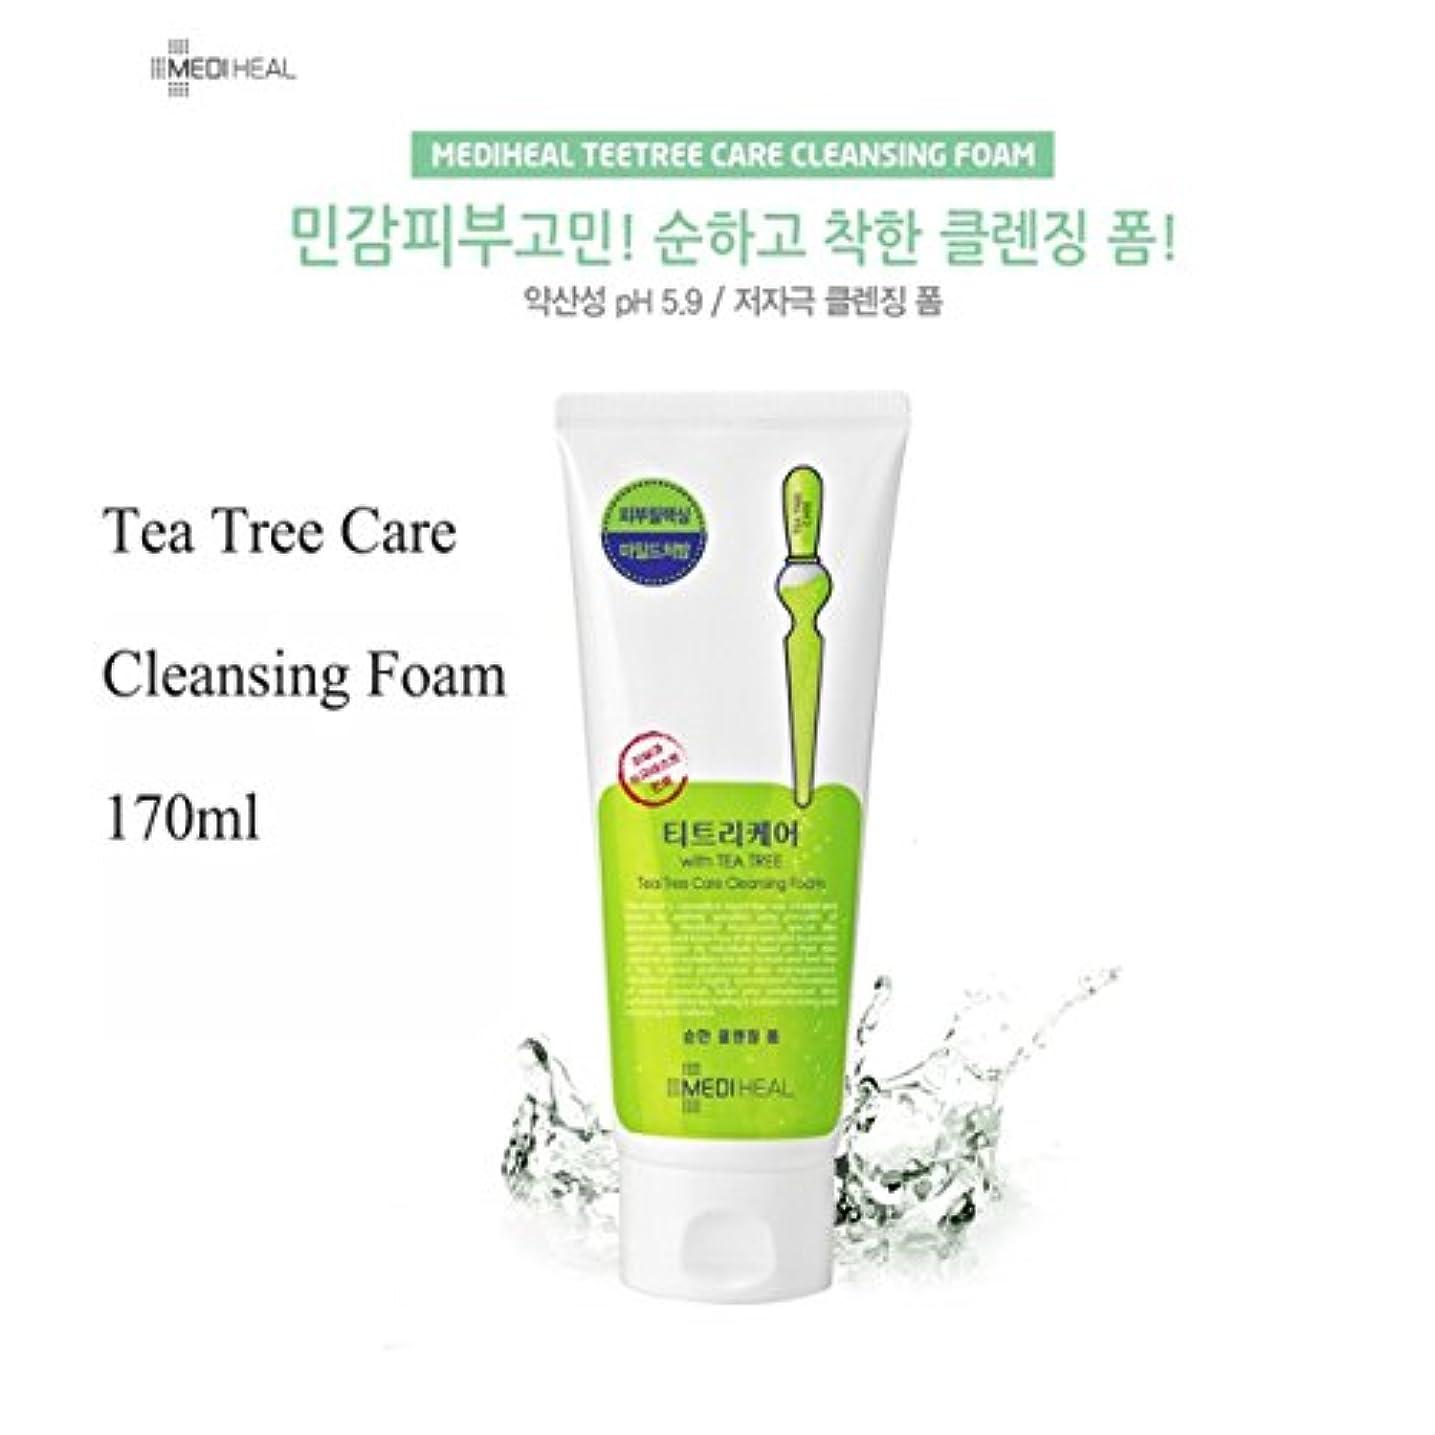 めまいメタリック気性【正規輸入品】MEDIHEAL Tea Tree Foam Cleansing 170ml/メディヒール ティー ツリー フォーム クレンジング 170ml